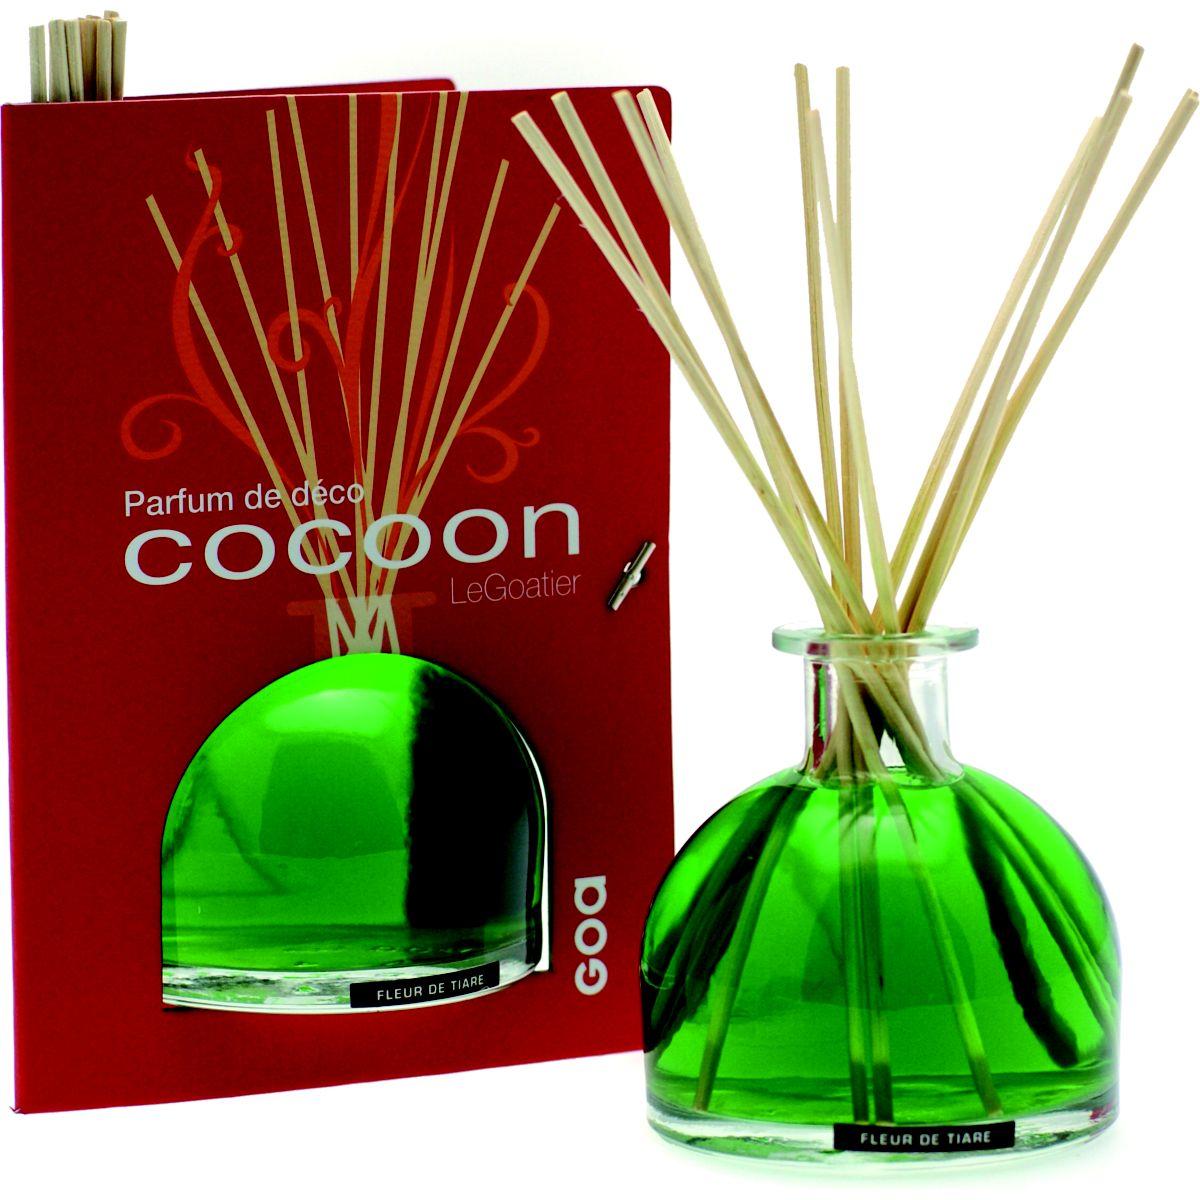 Goa goatier cocoon fleur de tiare 250 ml - 10% de remise immédiate avec le code : top10 (photo)